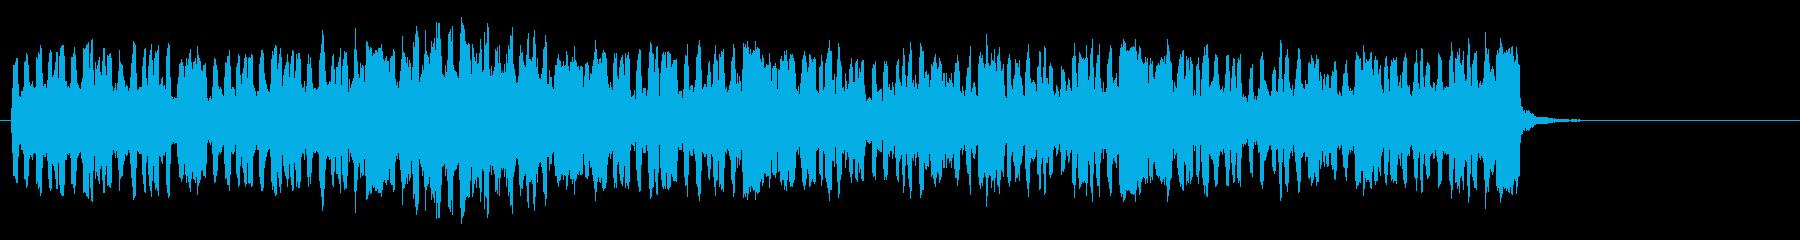 アイリッシュ風のやさしいインストの再生済みの波形